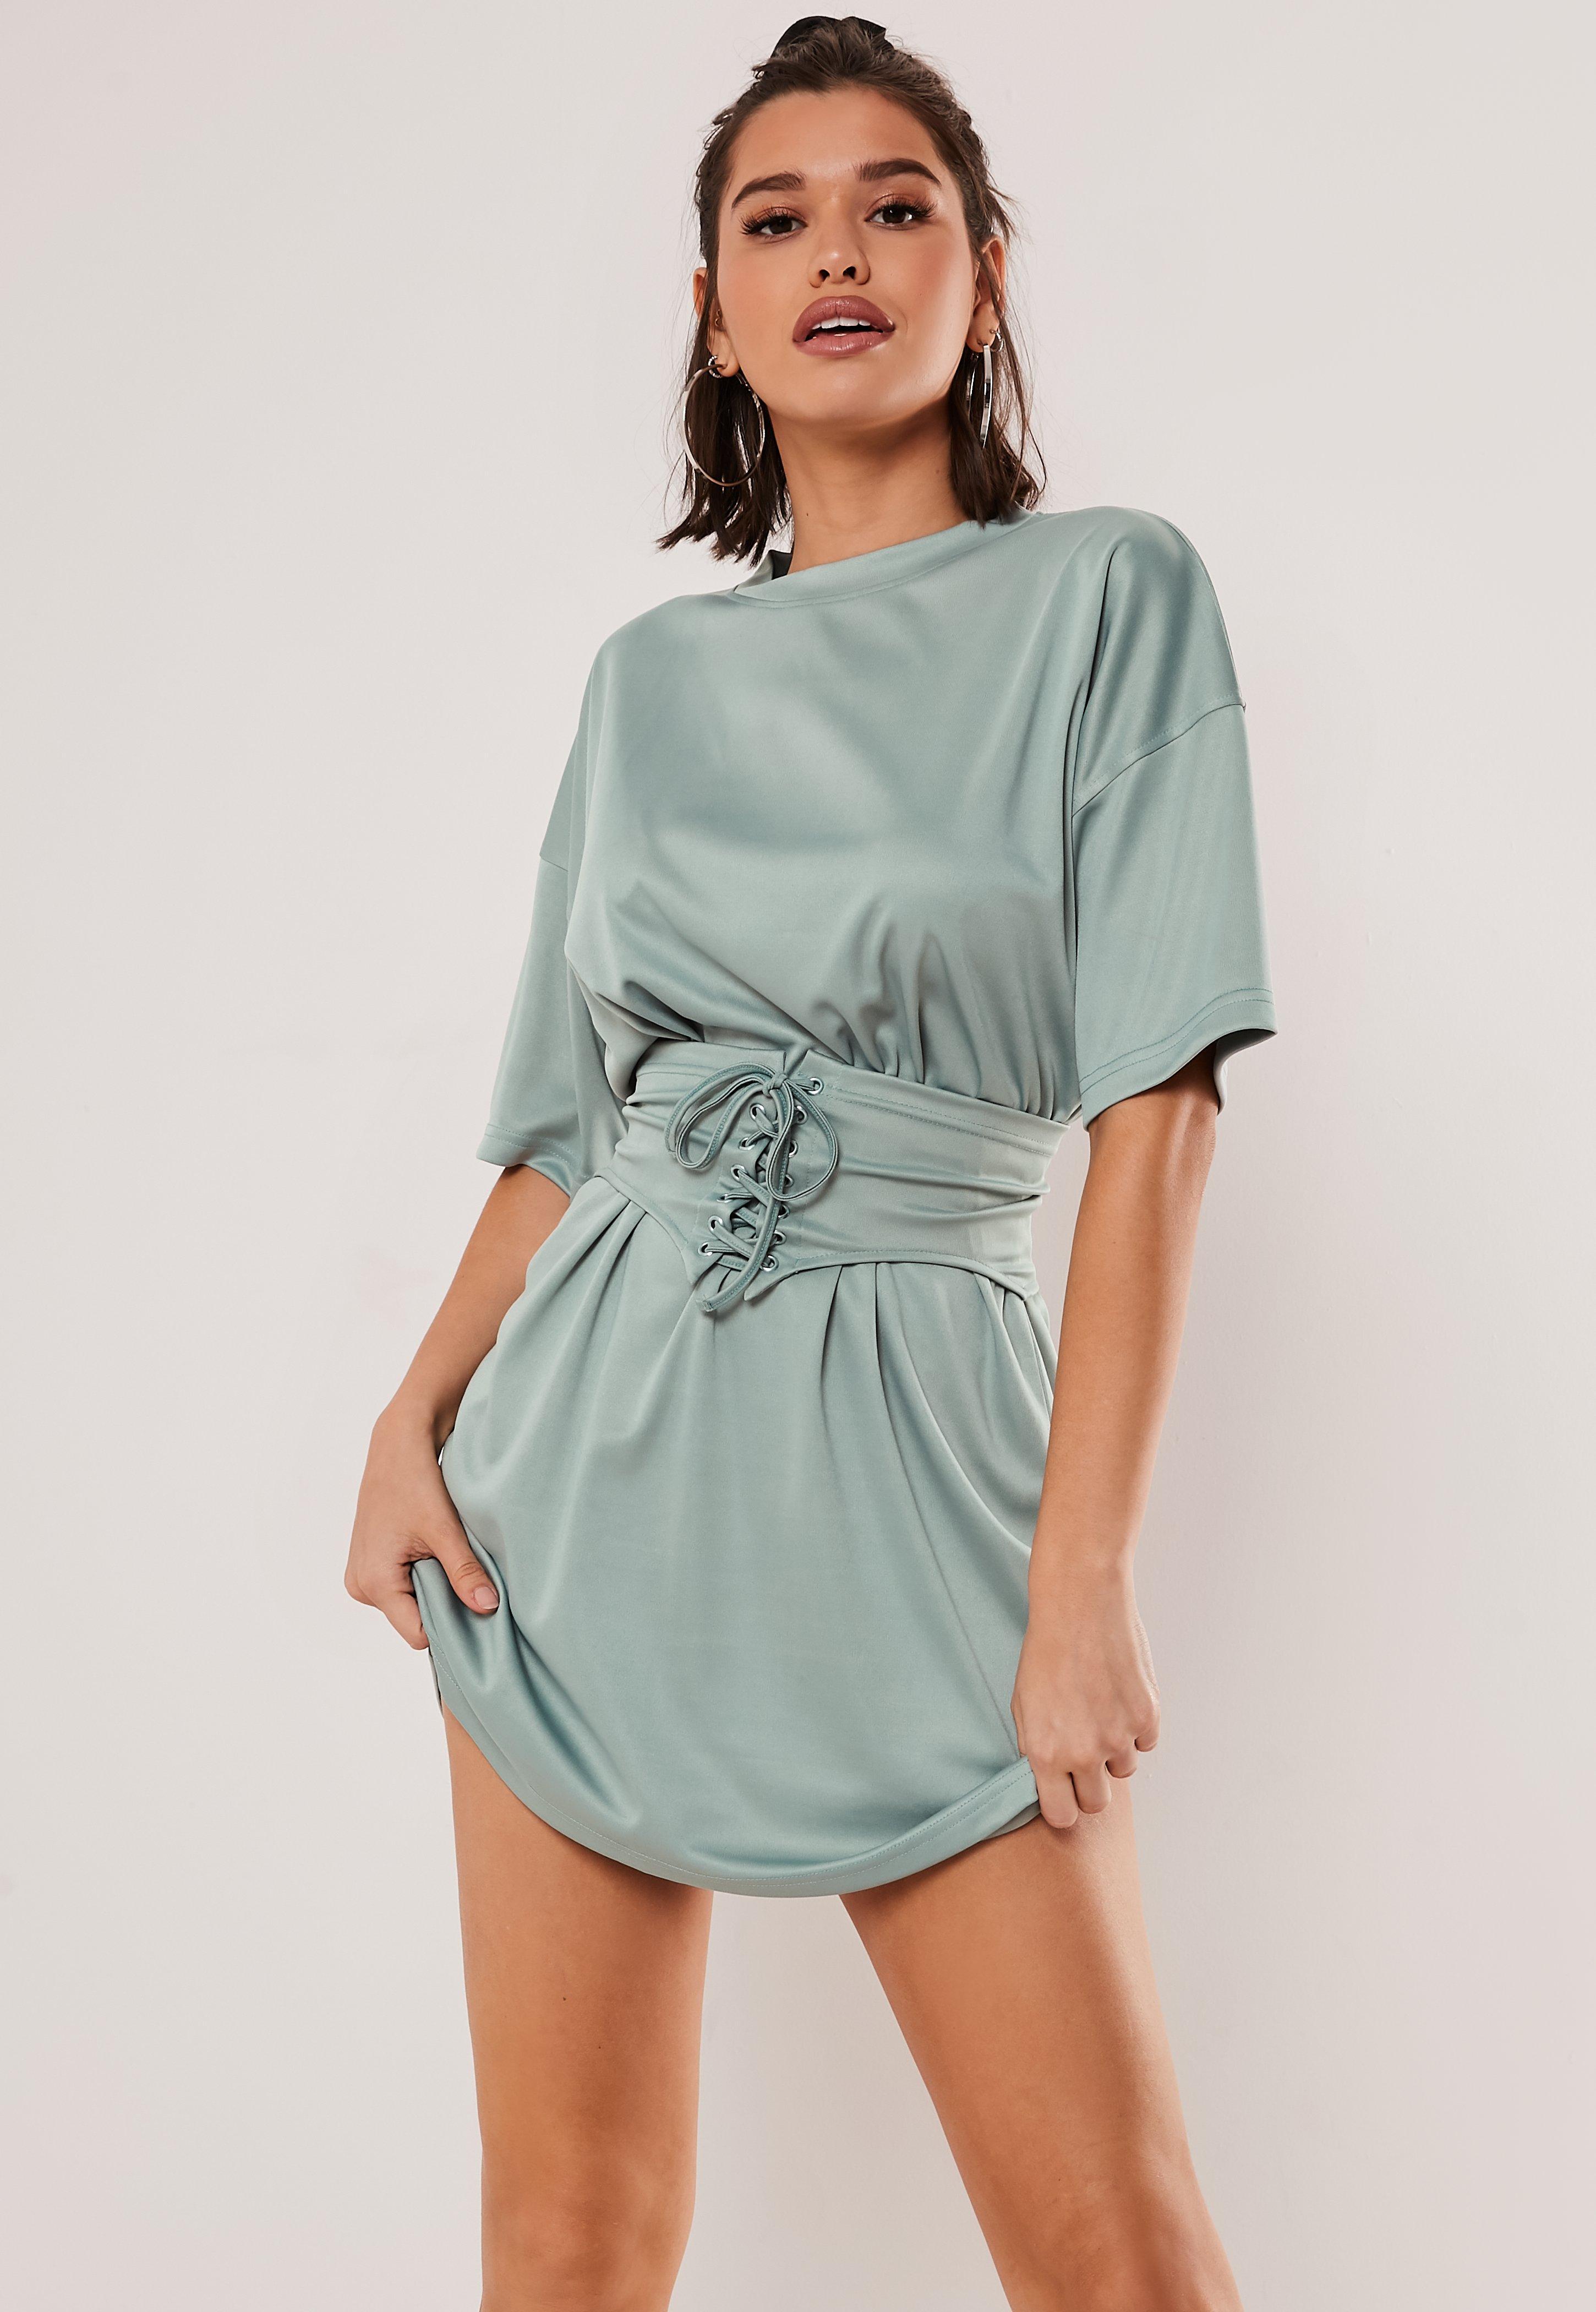 cd90d6a555f5f Dresses UK | Women's Dresses Online | Missguided